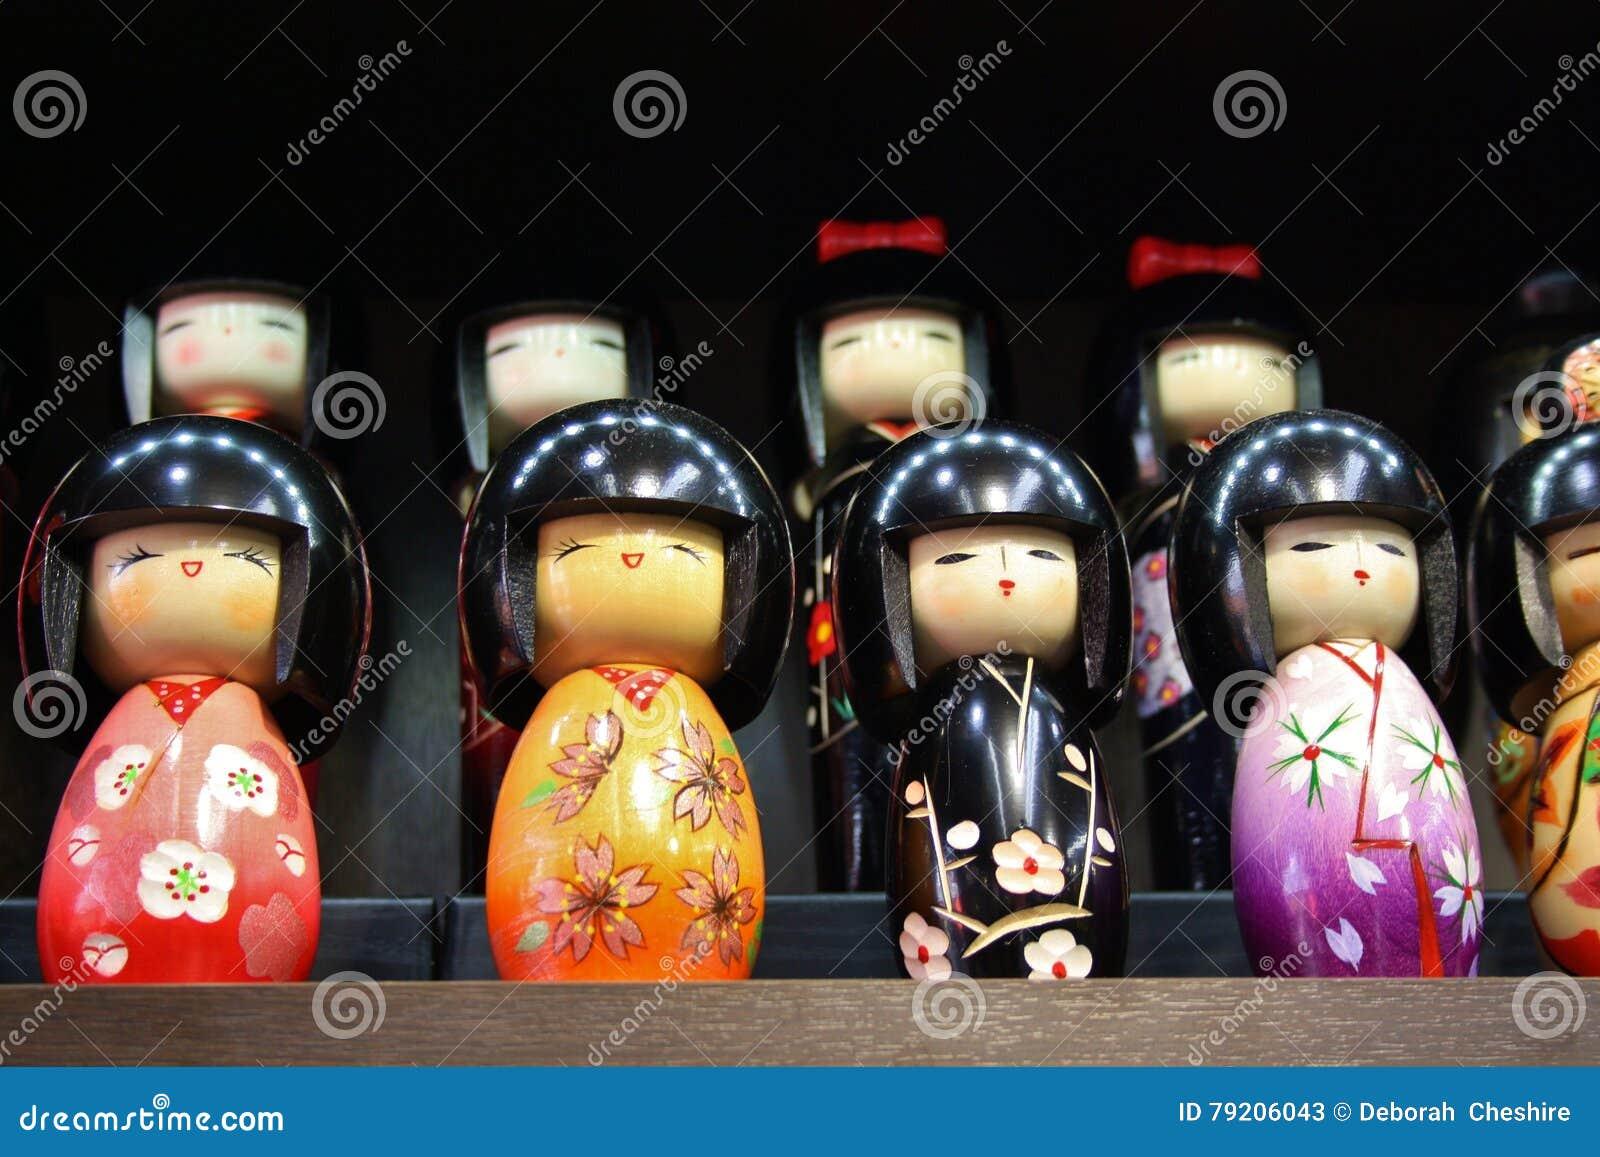 Kokeshi dockor